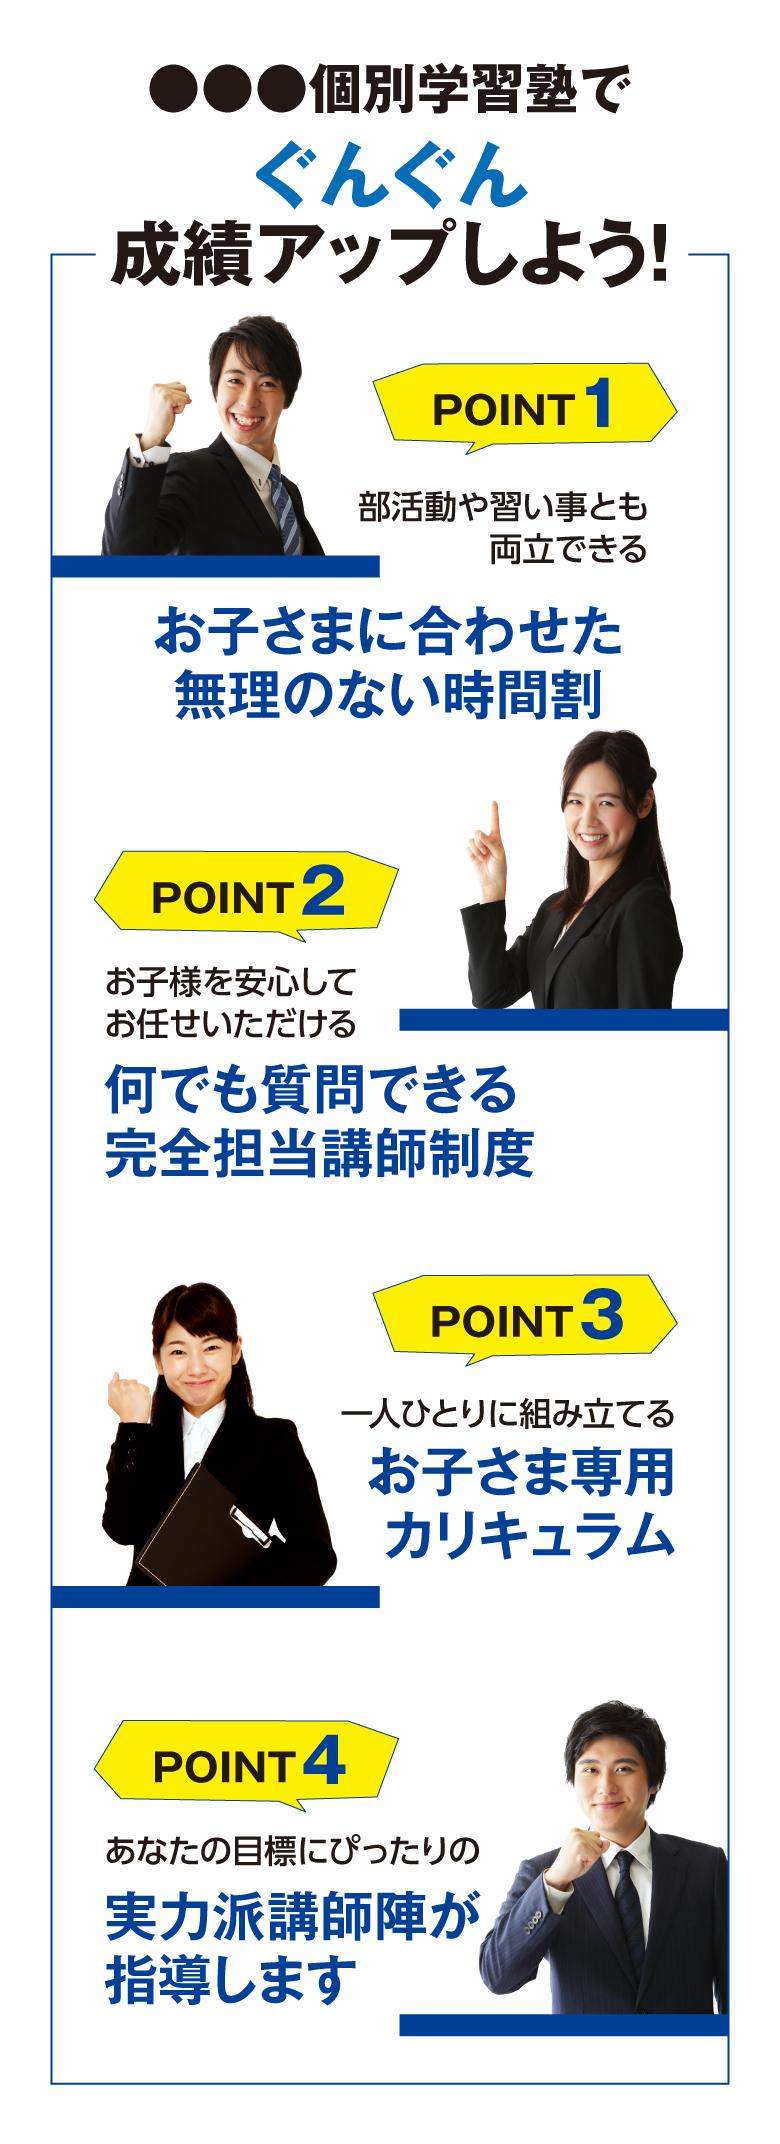 kds-20f-cas-point-12